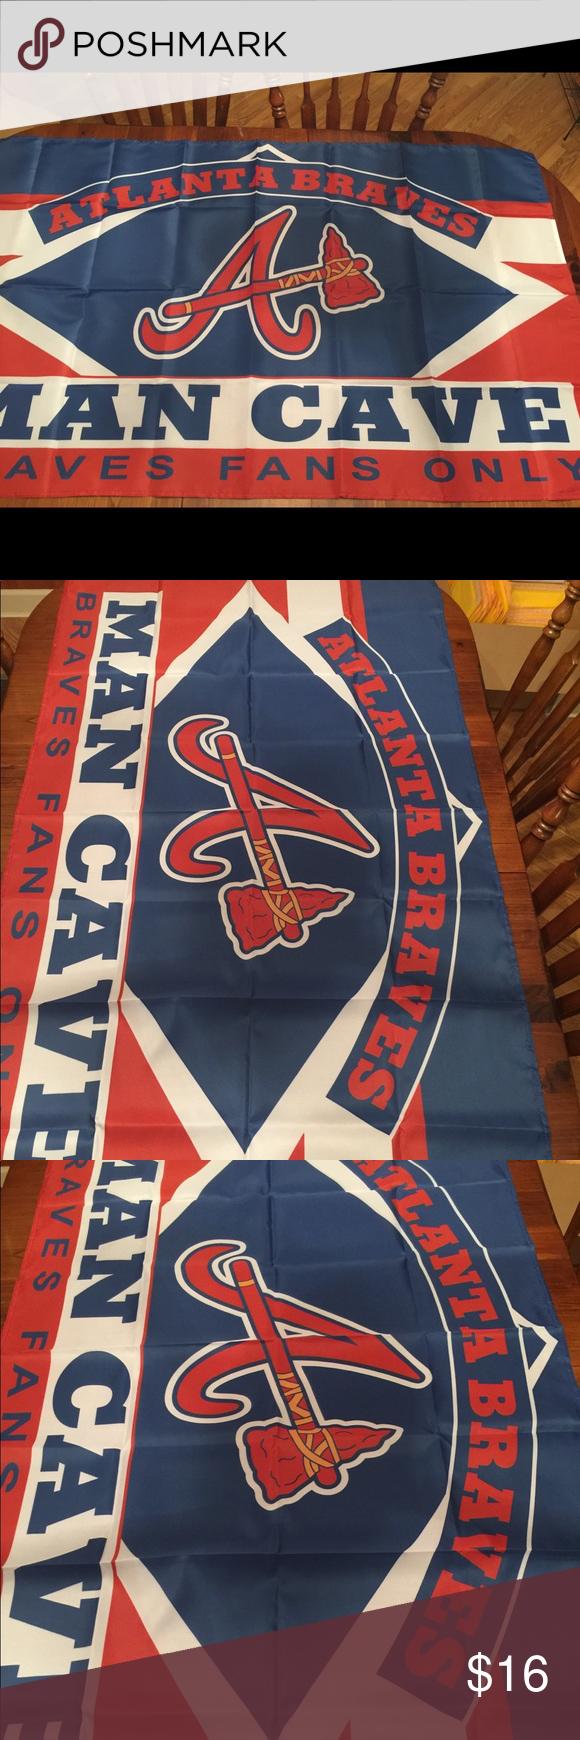 Atlanta Braves Man Cave 3 X 5 Banner Flag Atlanta Braves Man Cave 3 X 5 Banner Flag Brand New This Flag Is Huge Very Durable Atlanta Braves Flag Kids Rugs